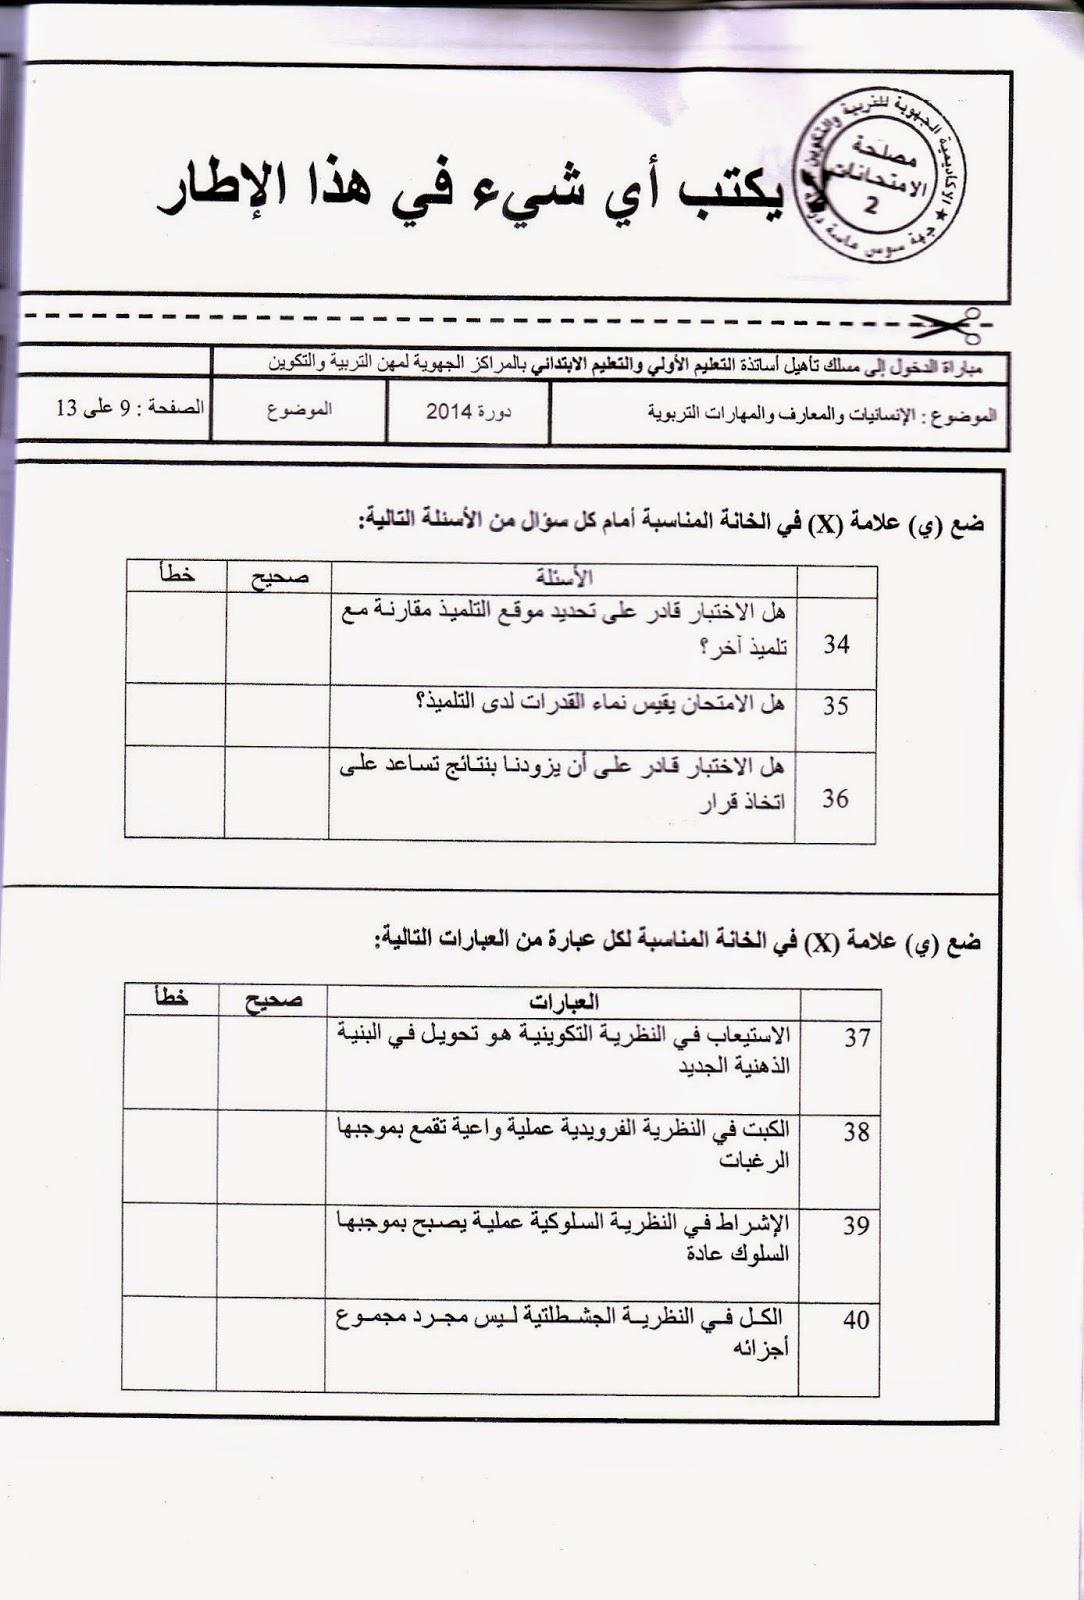 الاختبار الكتابي لولوج المراكز الجهوية لمهن التربية والتكوين للسلك الابتدائي  - دورة يوليوز 2014 8